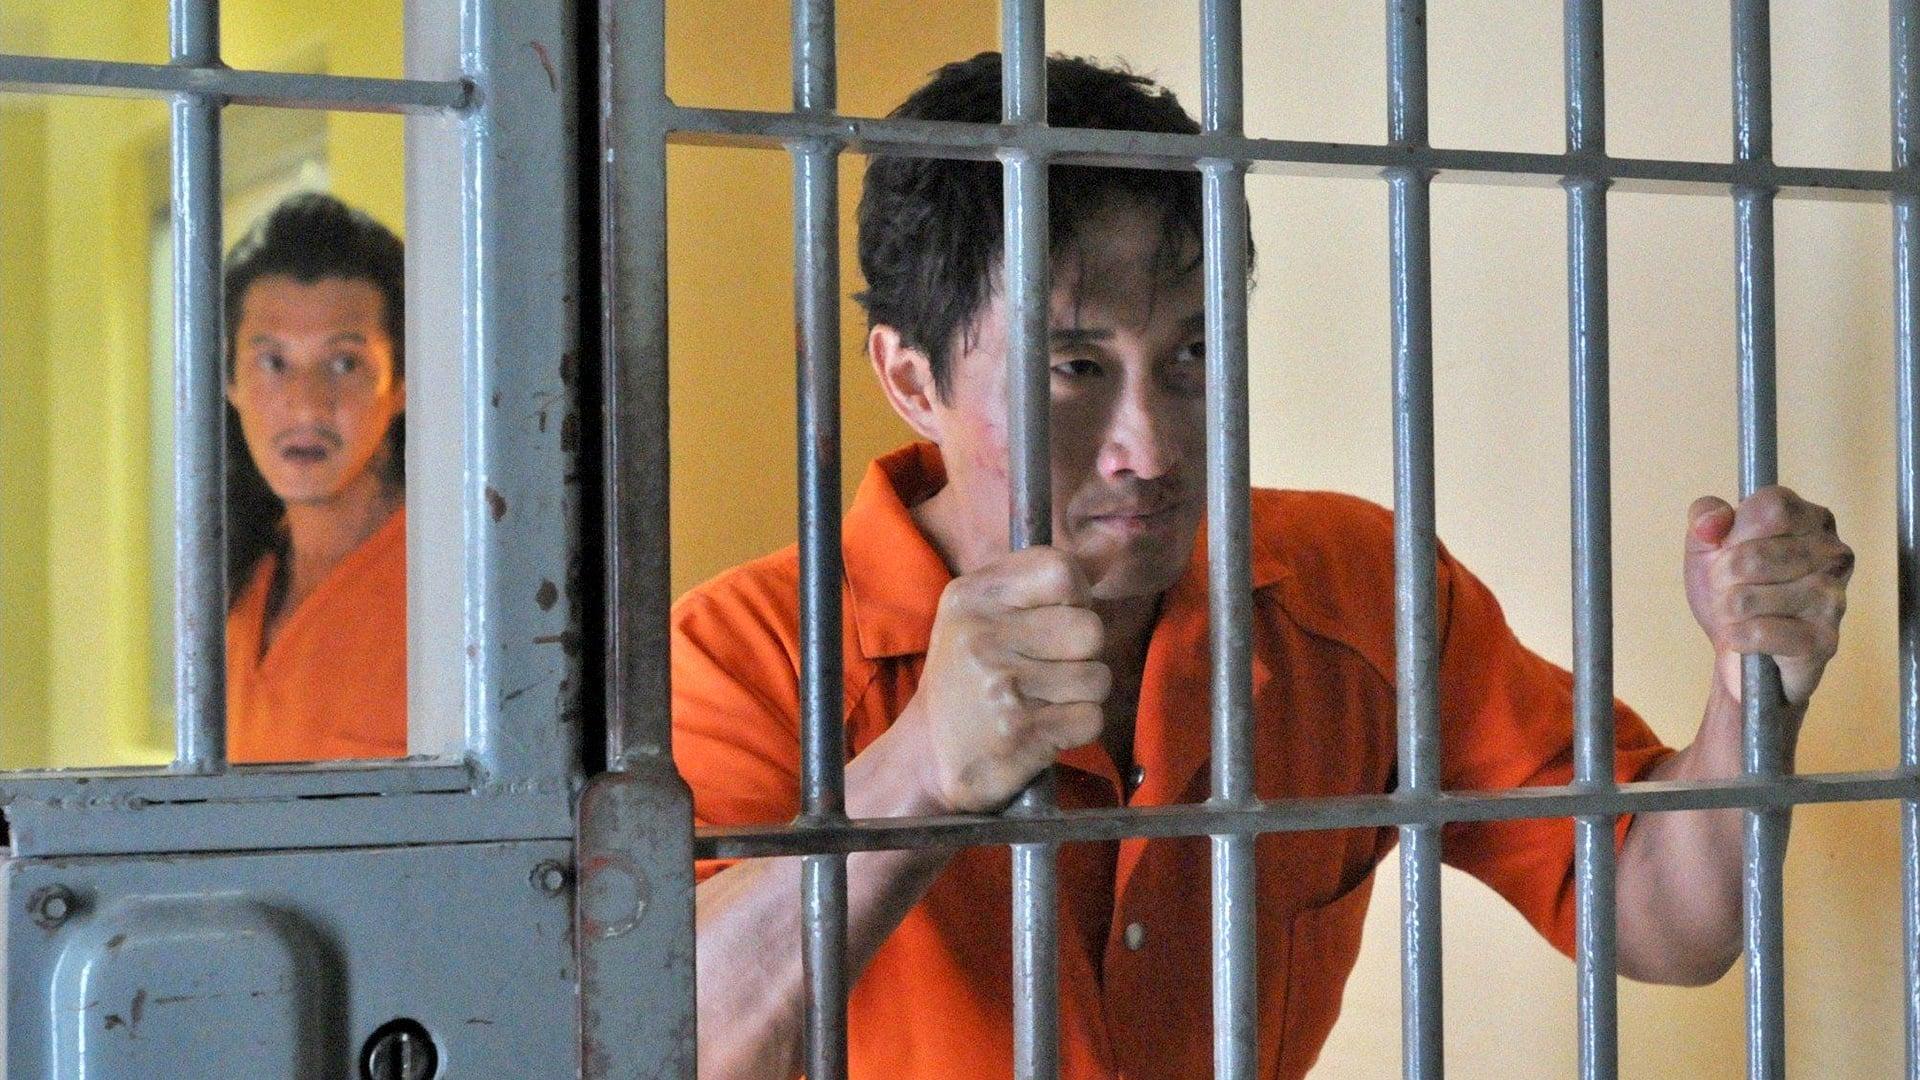 Hawaii Five-0 - Season 3 Episode 13 : Olelo Ho'Opa'I Make